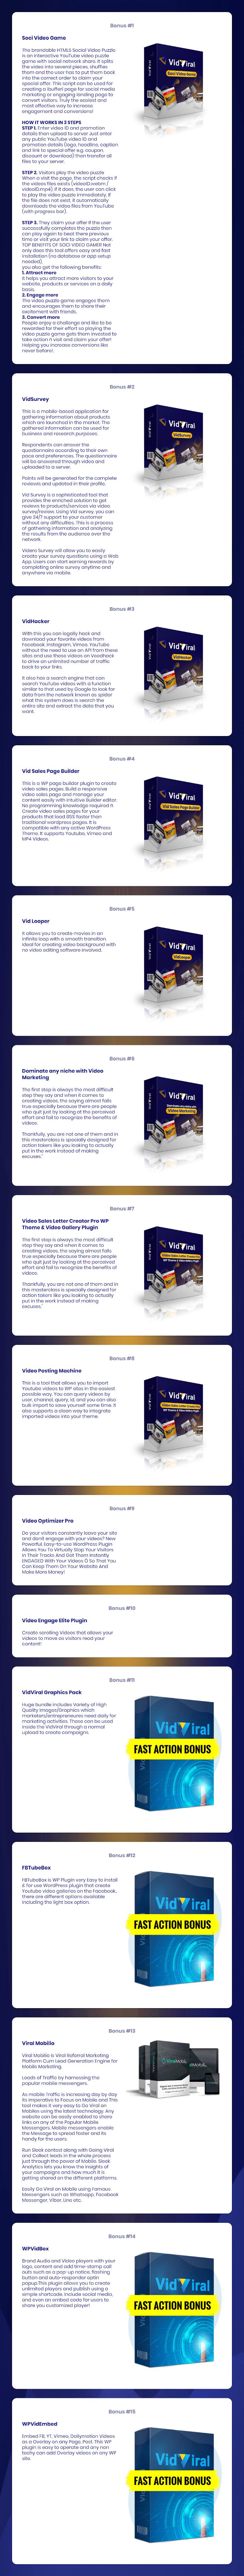 VidViral V2 Bonuses